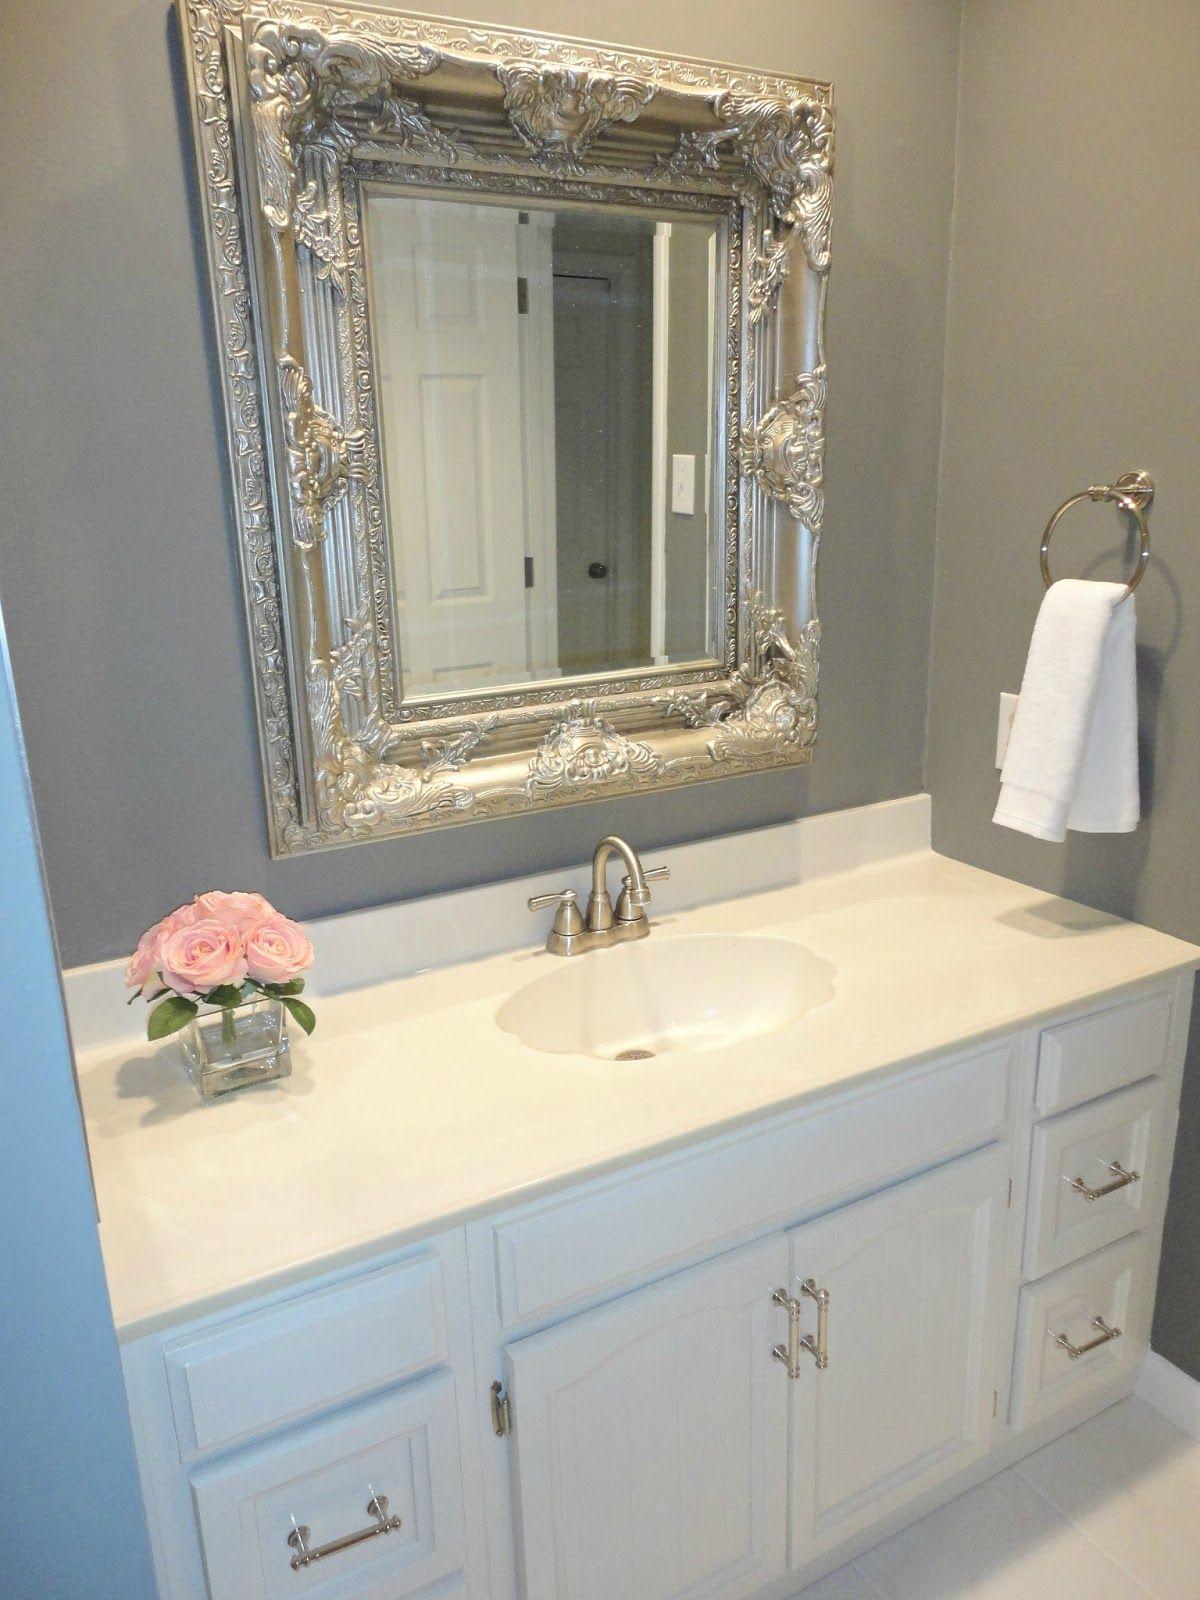 diy bathroom remodel ideas for average people | diy bathroom